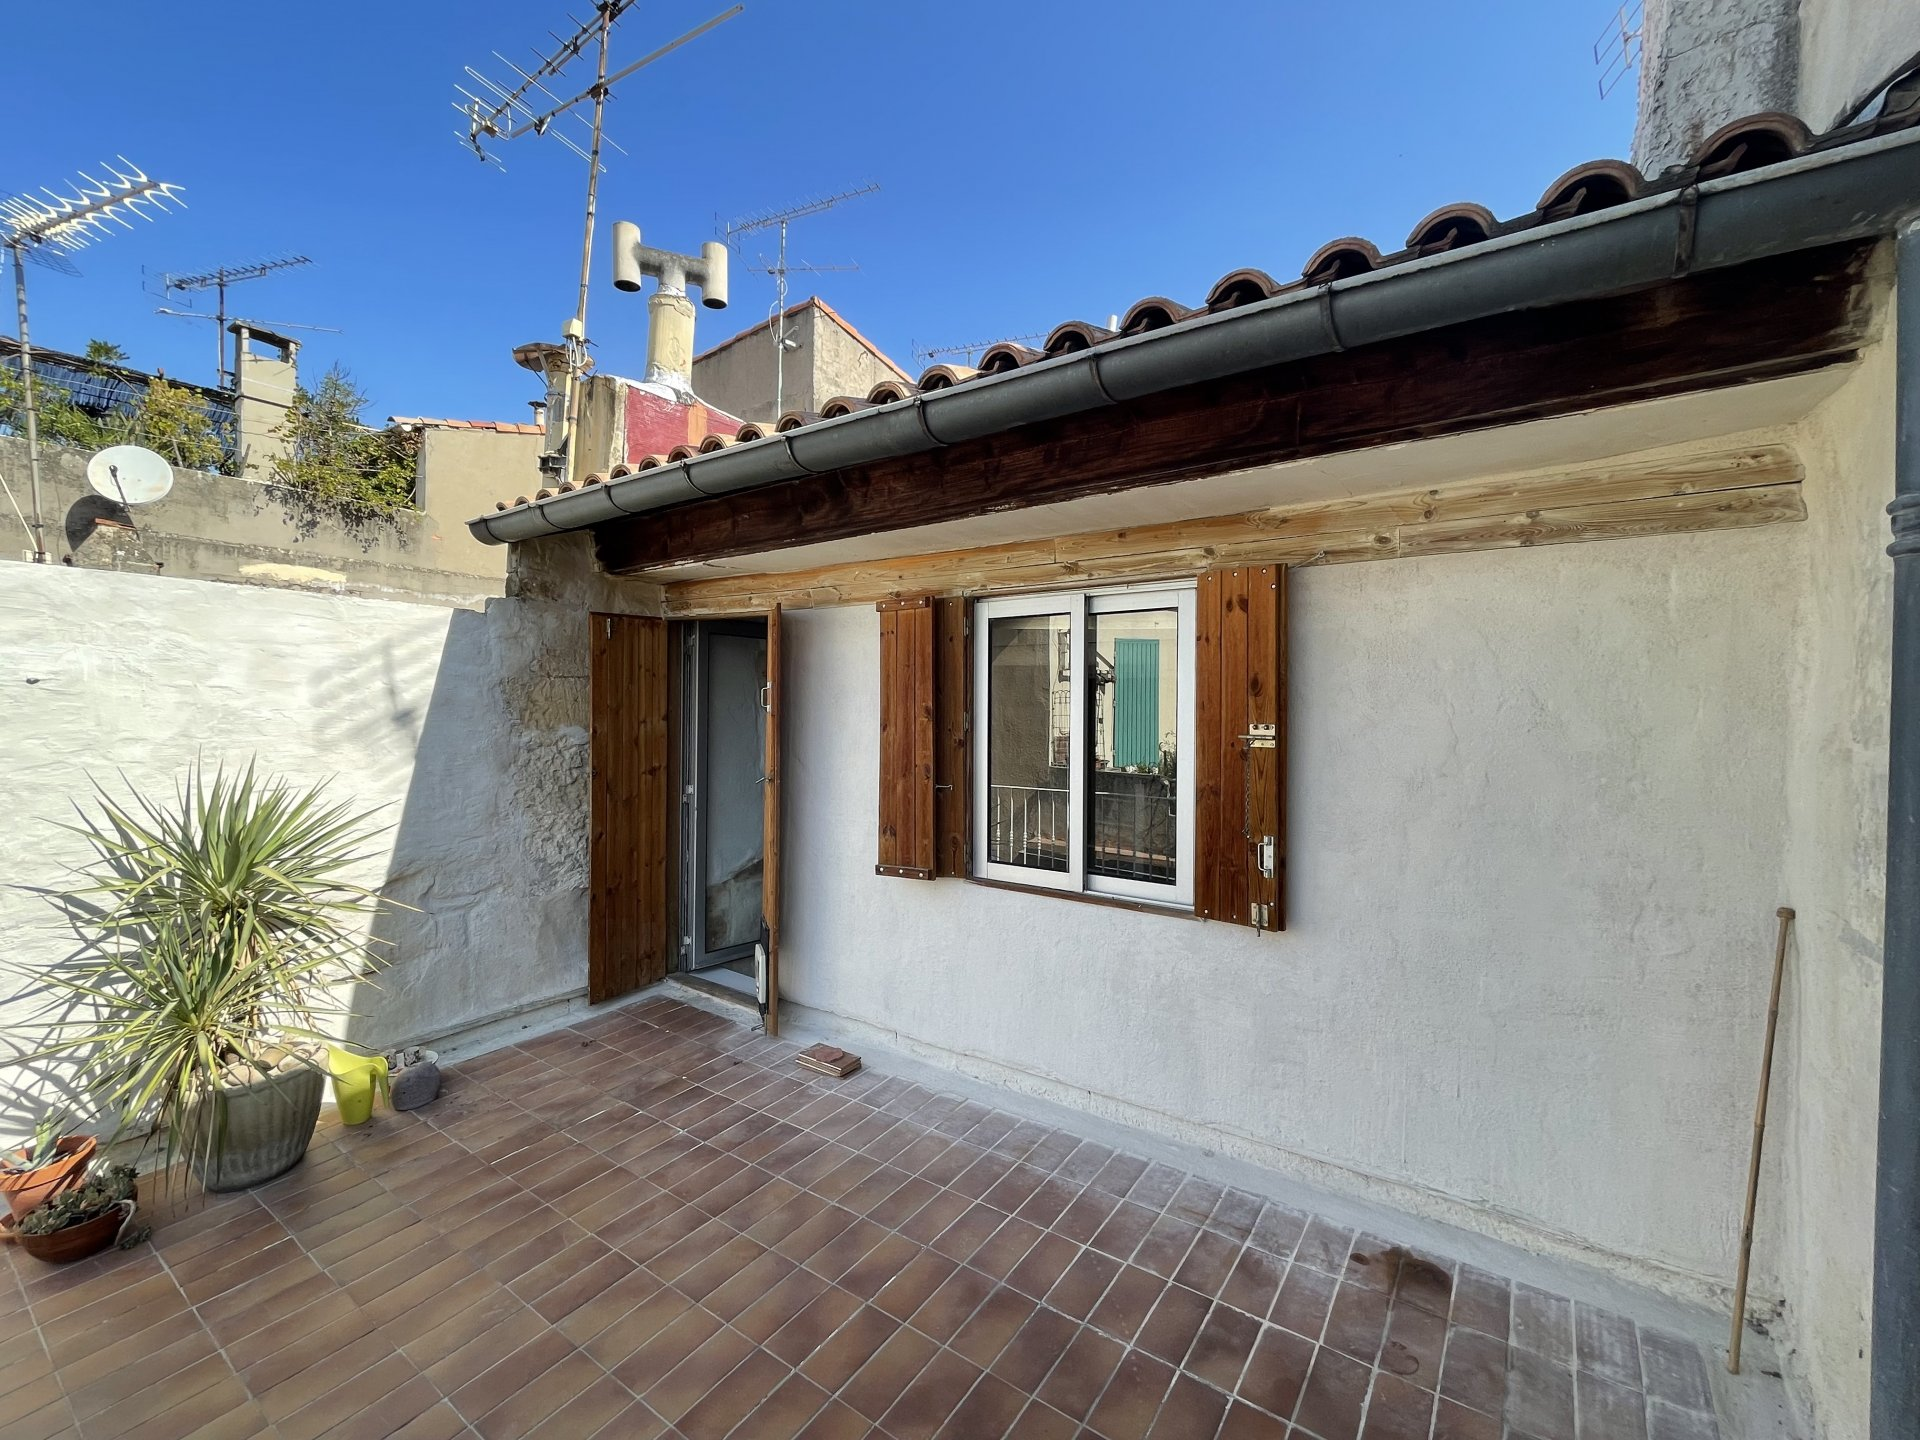 Maison de ville Roquette avec terrasse